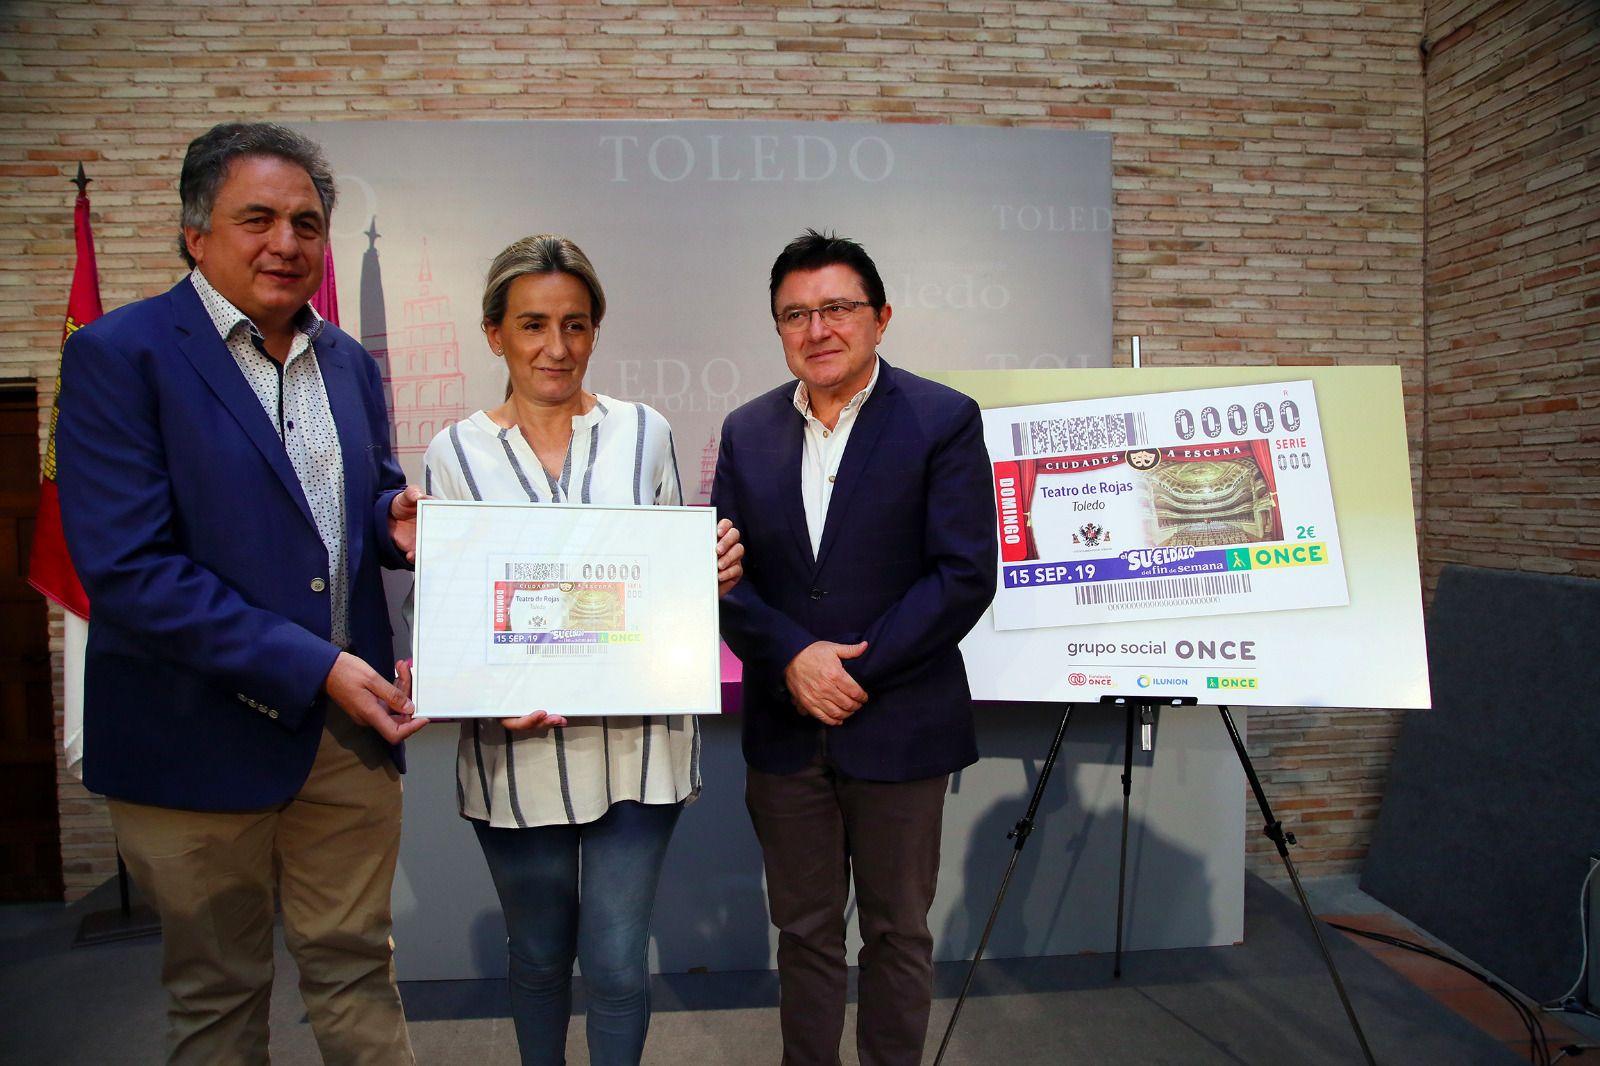 El Ayuntamiento de Toledo y la ONCE promoverán la colaboración mutua para reforzar la accesibilidad dentro de la estrategia cultural